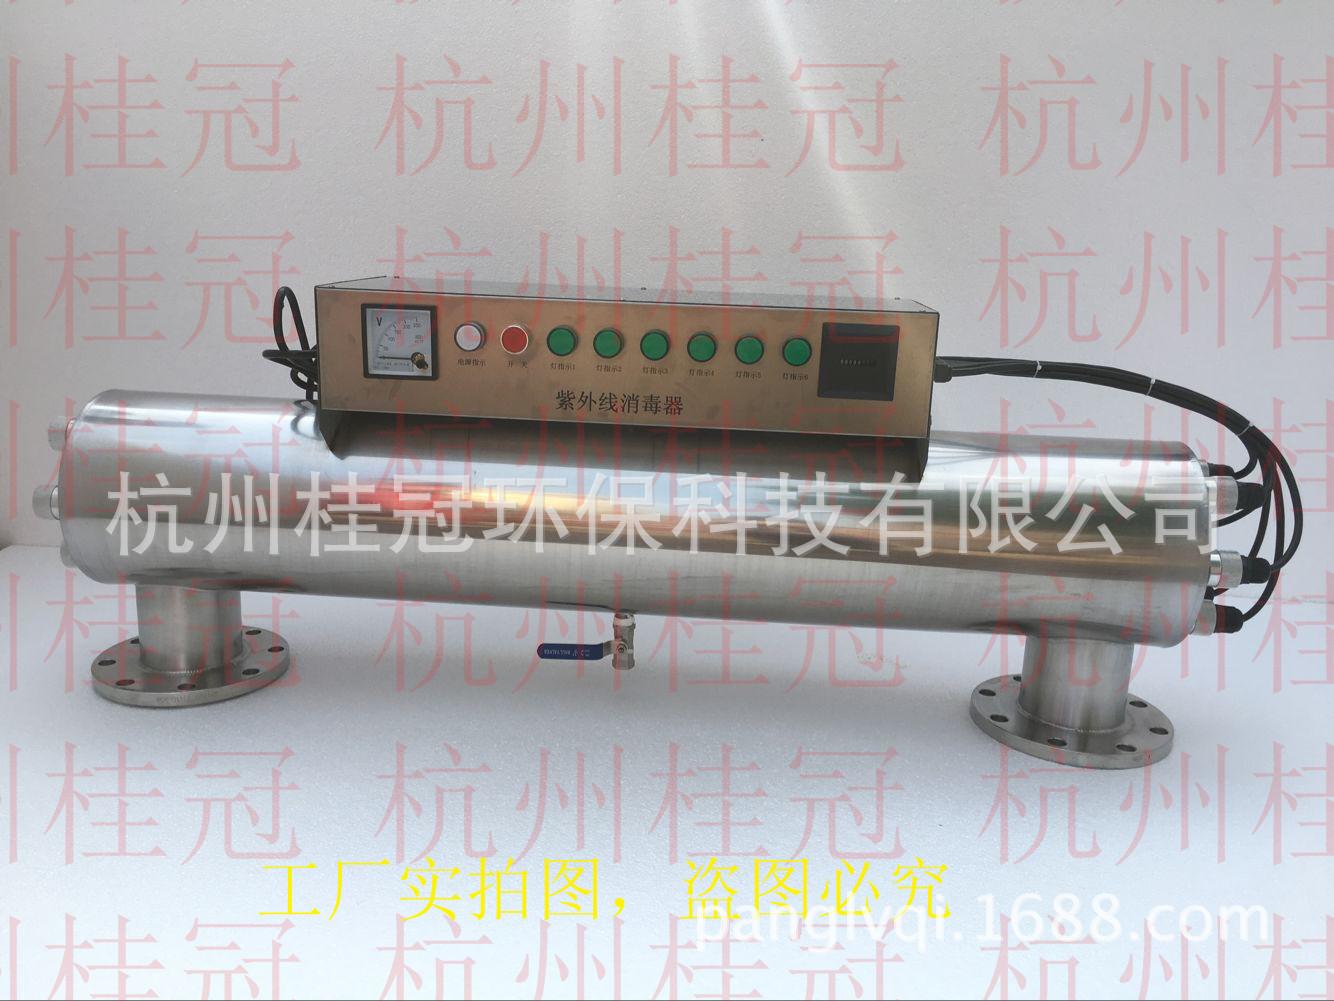 供应紫外线消毒器紫外线消毒器过流式紫外线消毒器型号杭桂